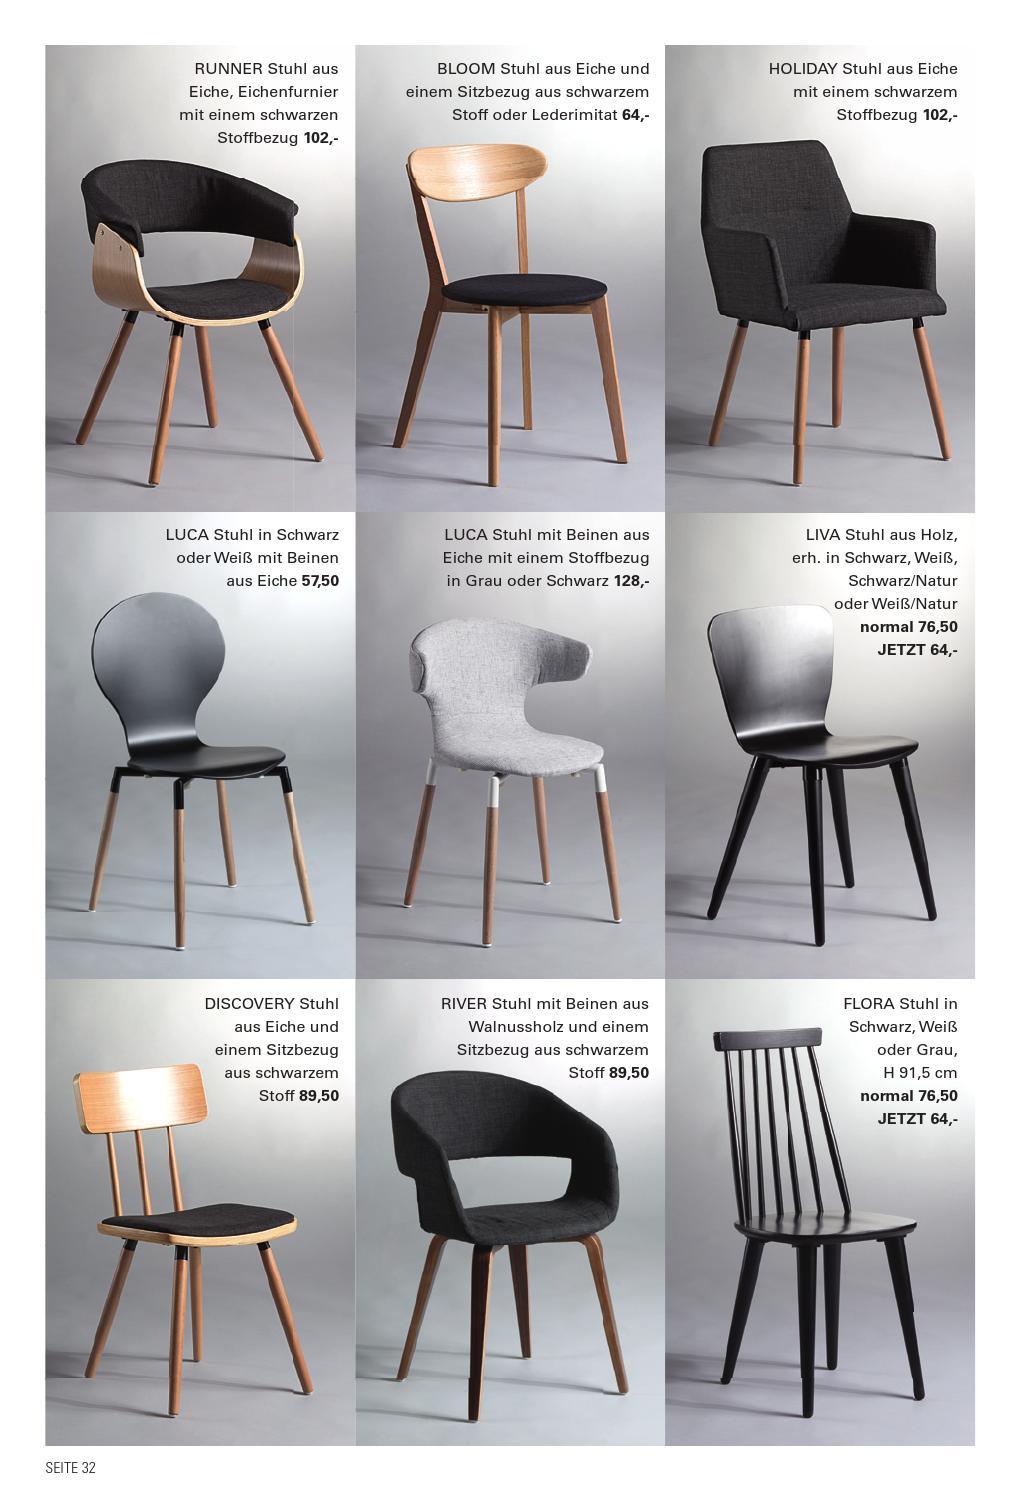 Design By Nordic Design Sinnerup Issuu Sinnerup Issuu Design By Sinnerup Nordic Nordic 4Rj5AL